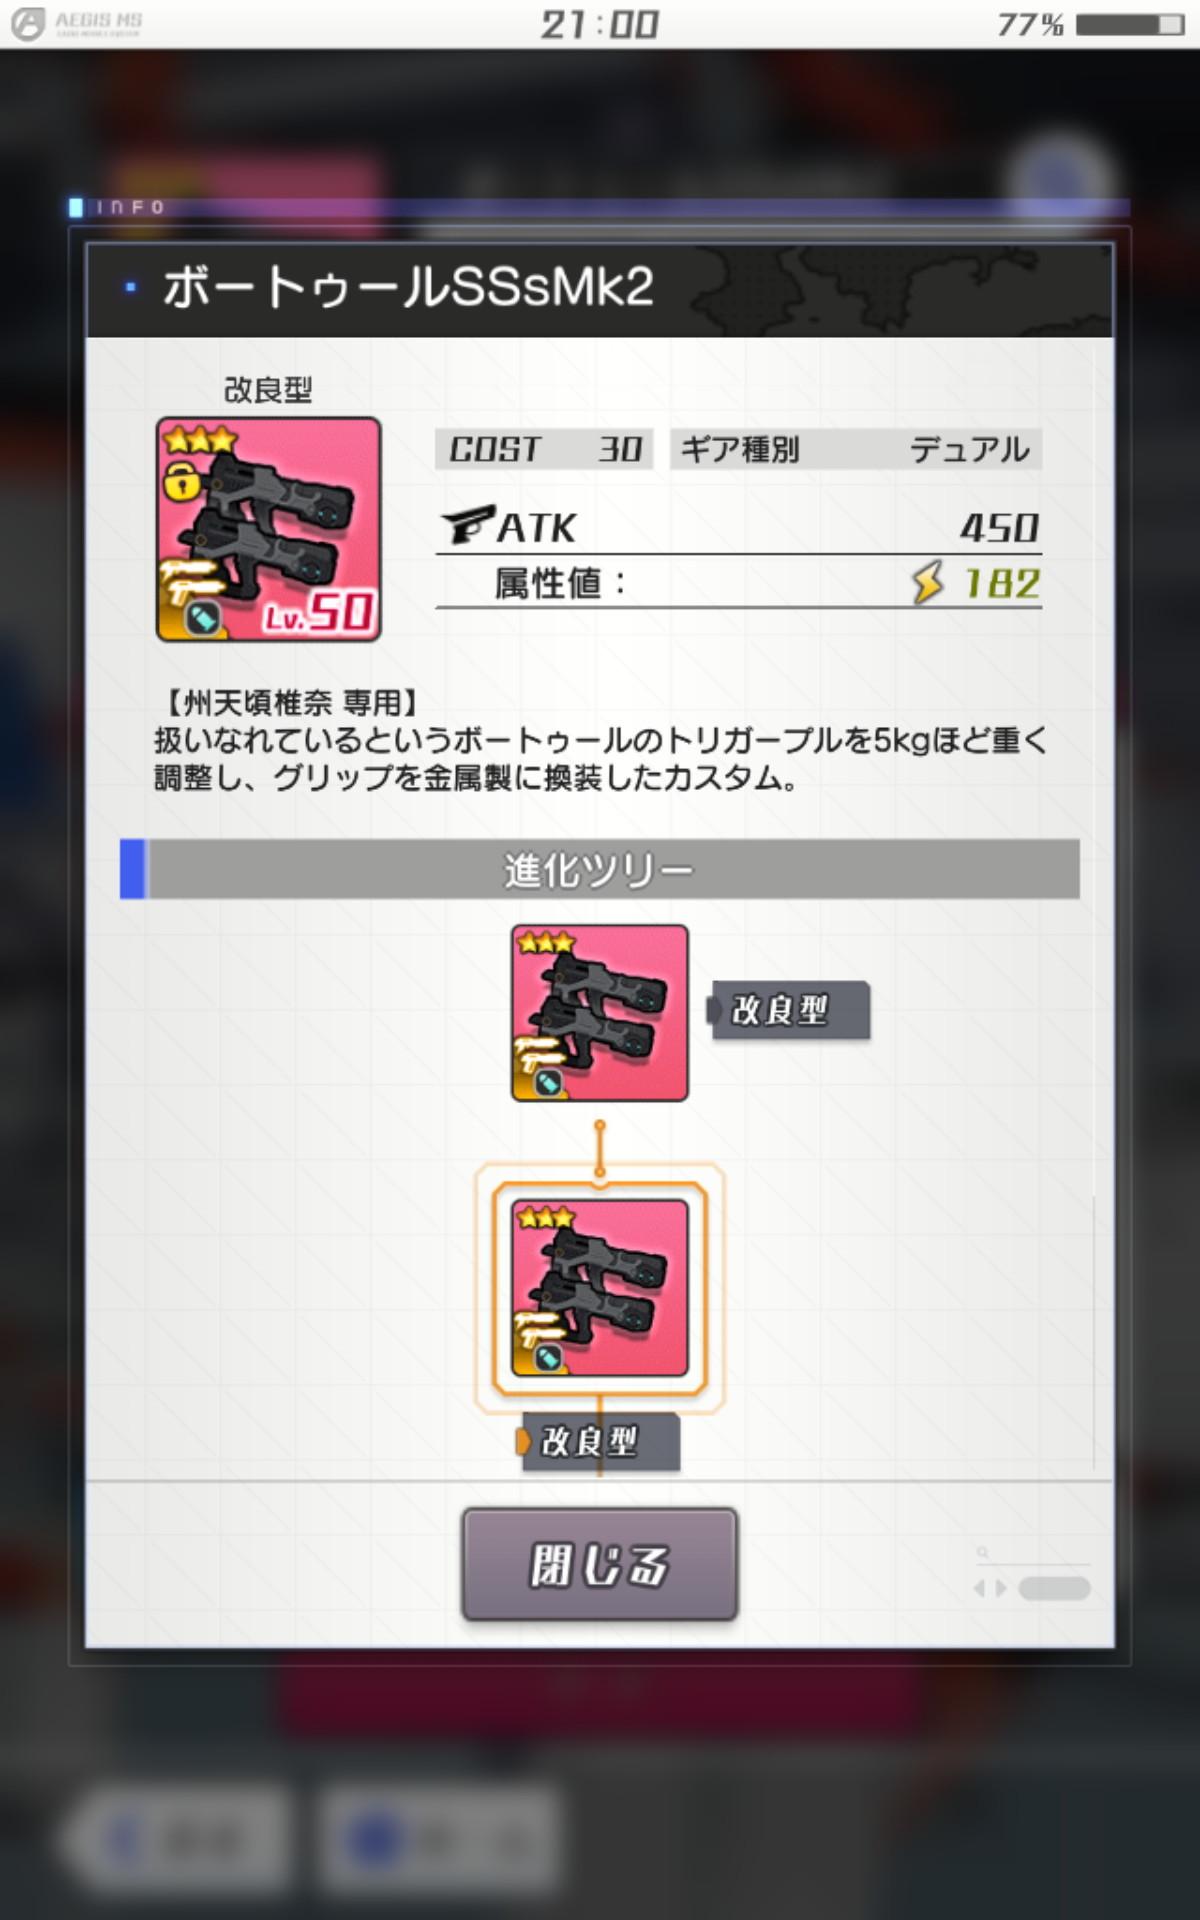 コロちゃんショットLv50_20180714_210046.jpg